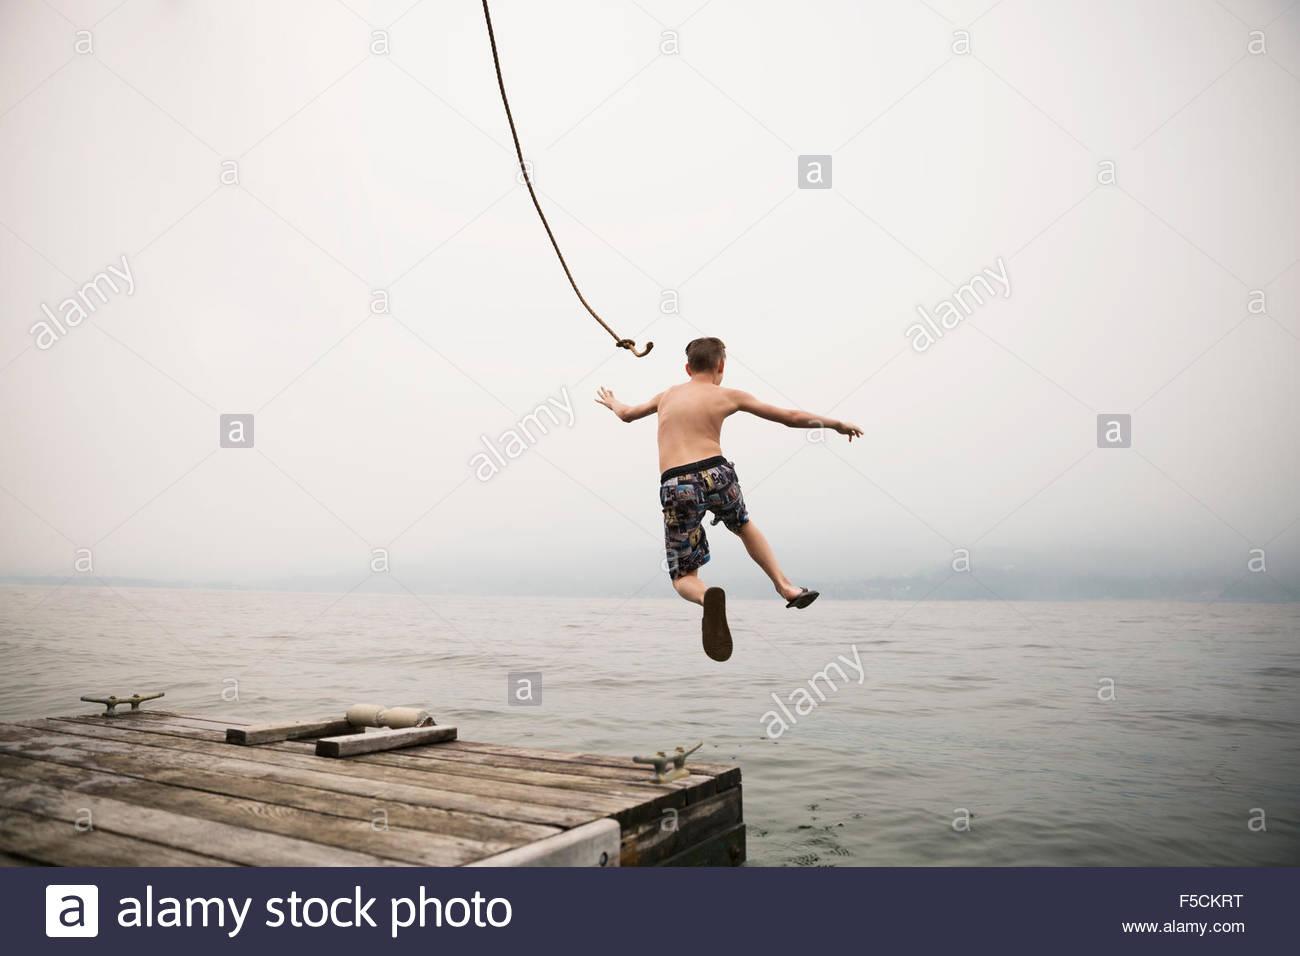 Junge springt mitten in der Luft aus dem Dock in See Stockbild